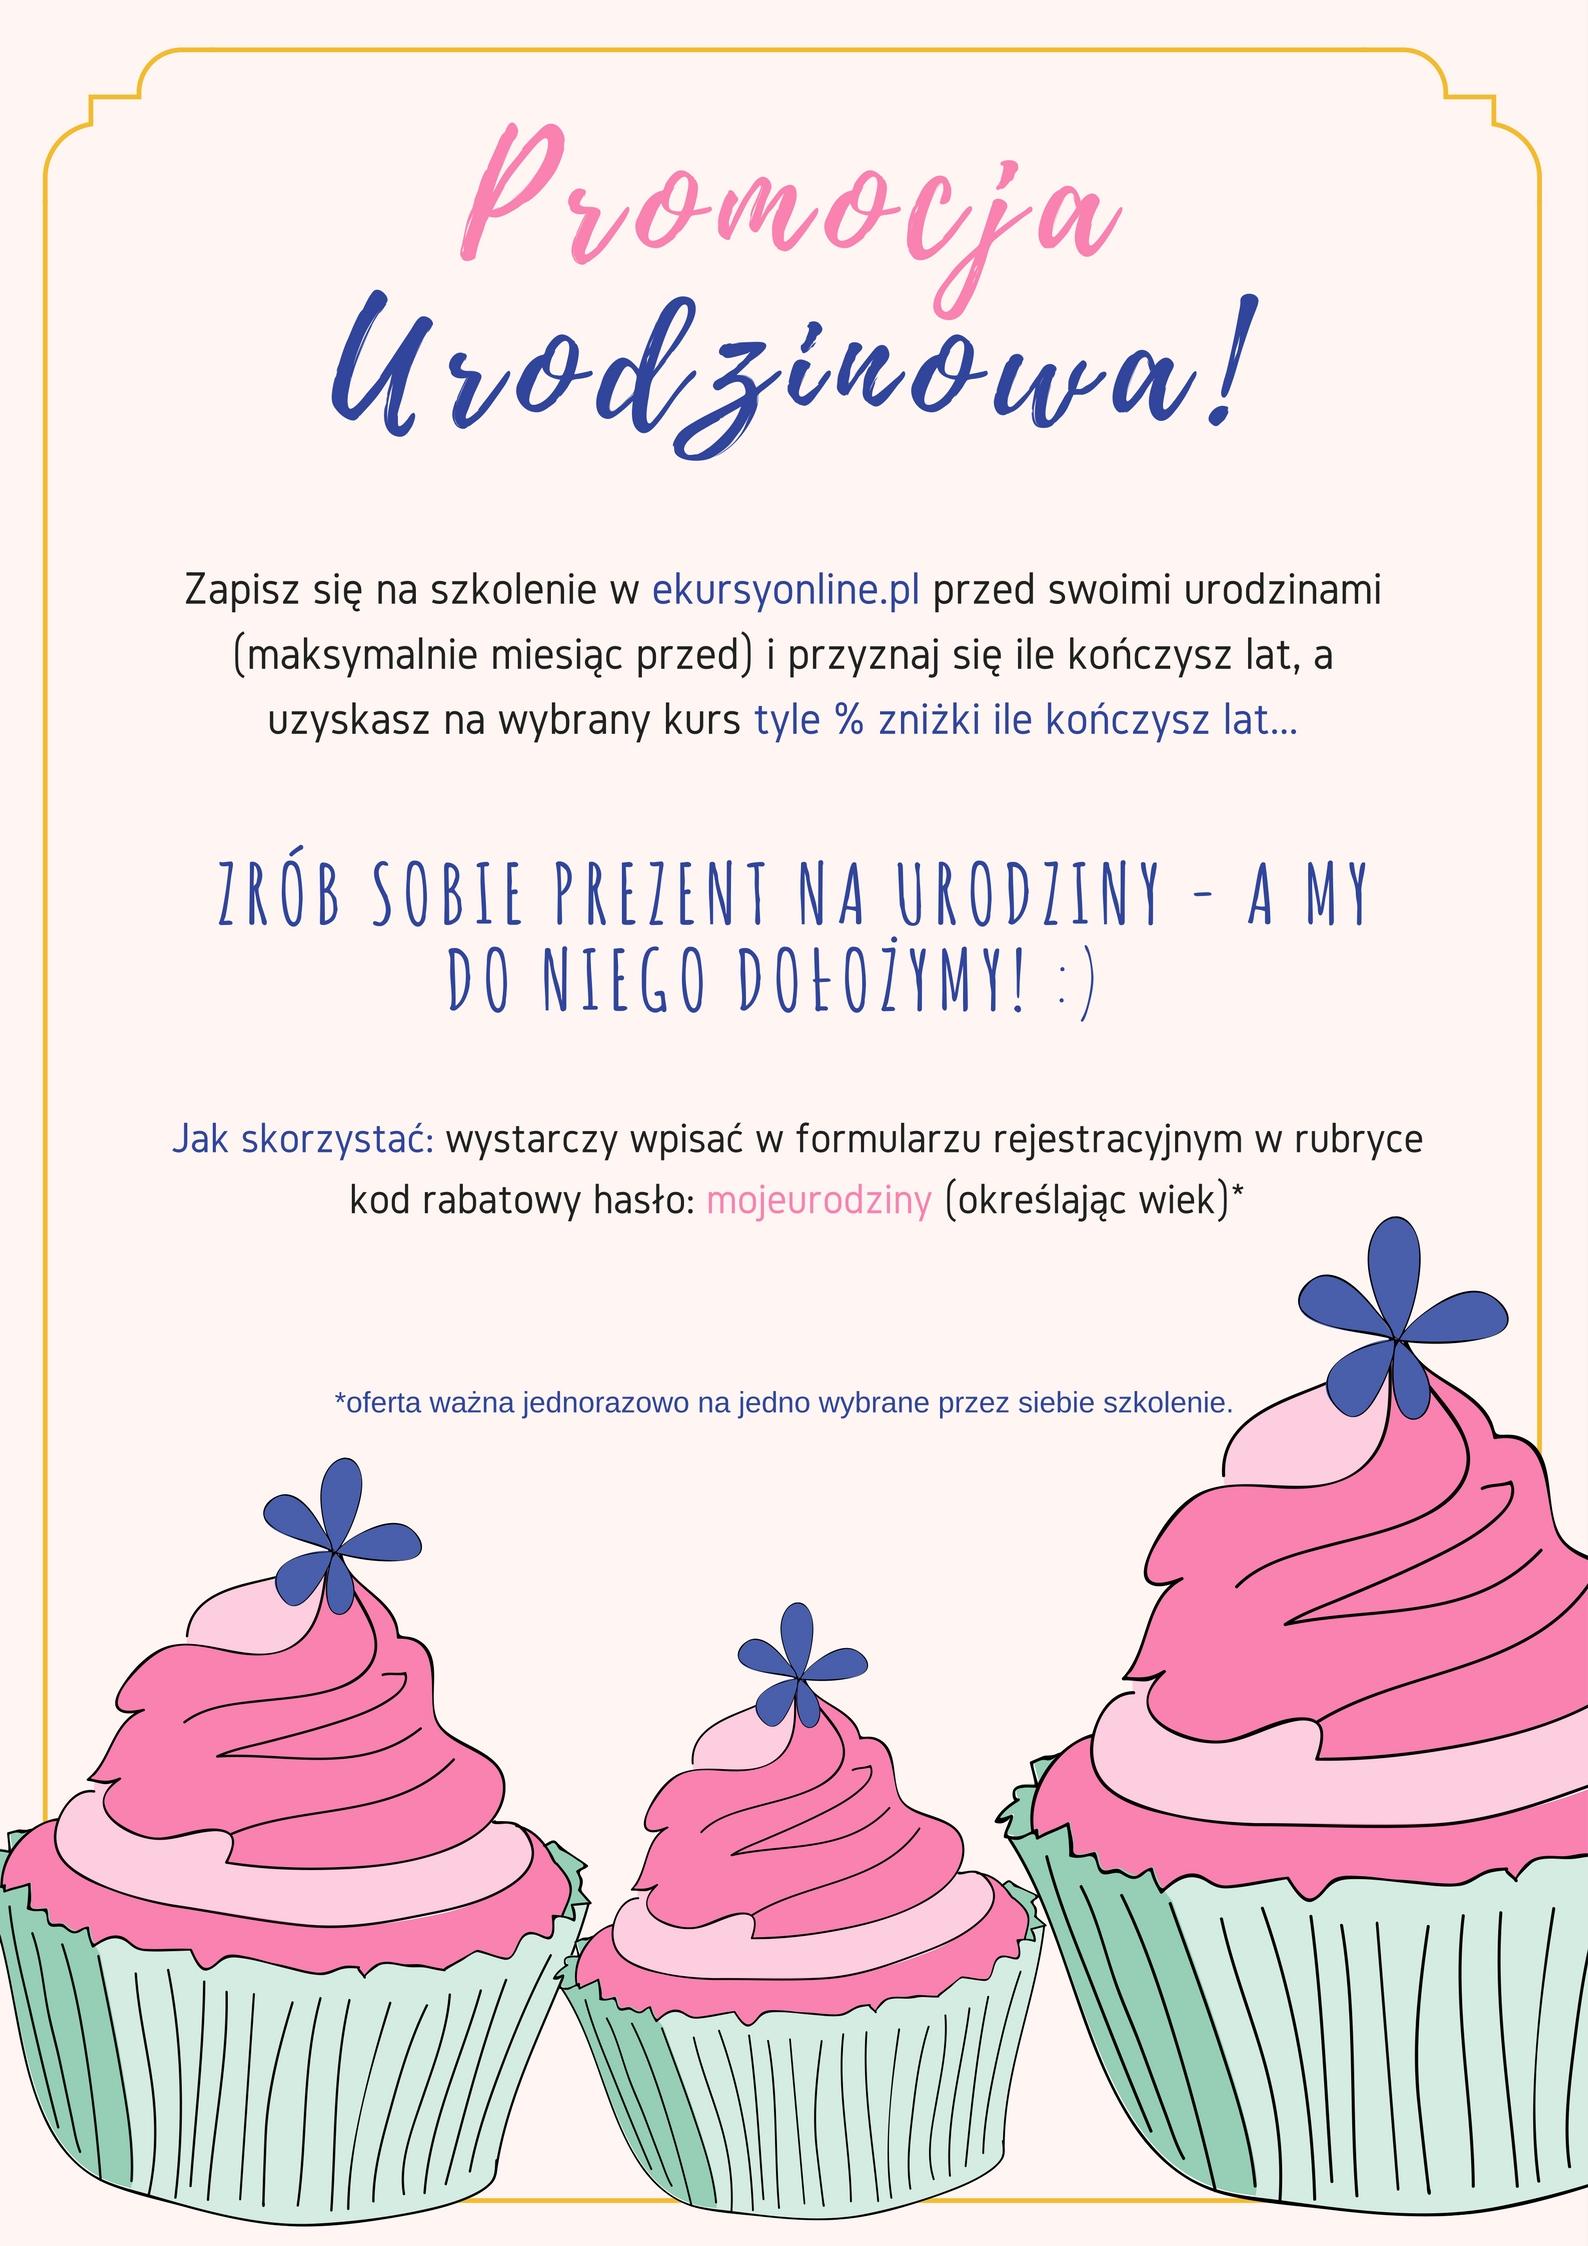 Promocja urodzinowa!